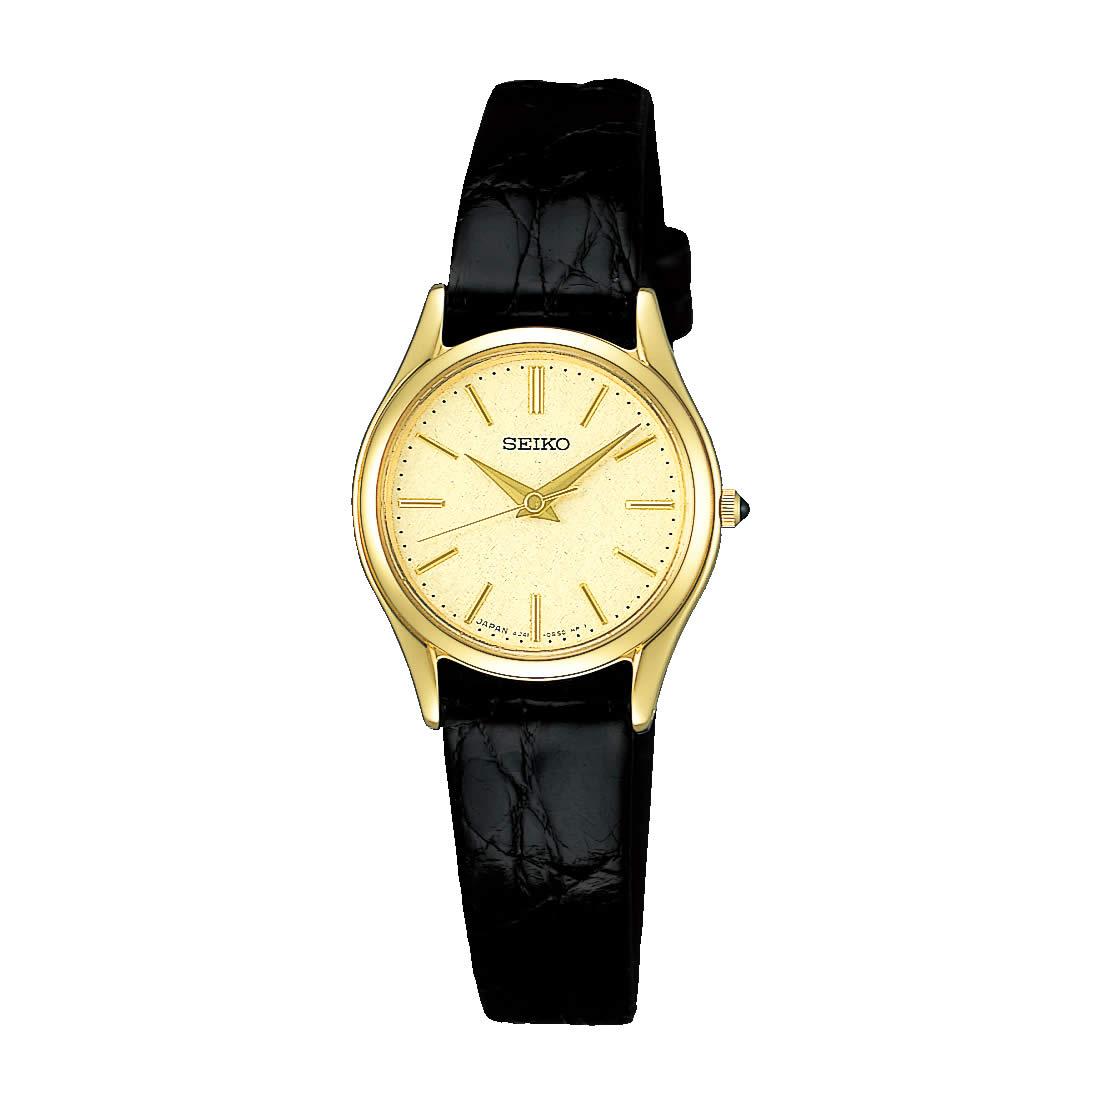 【送料無料】【国内正規品】セイコー エクセリーヌ SEIKO EXCELINE 腕時計 革ベルト SWDL160 レディース 時計 オフィス ペアウォッチ ペア腕時計 レザー ワニ革 ビジネス シンプル 人気 うでどけい とけい WATCH 時計【取り寄せ】